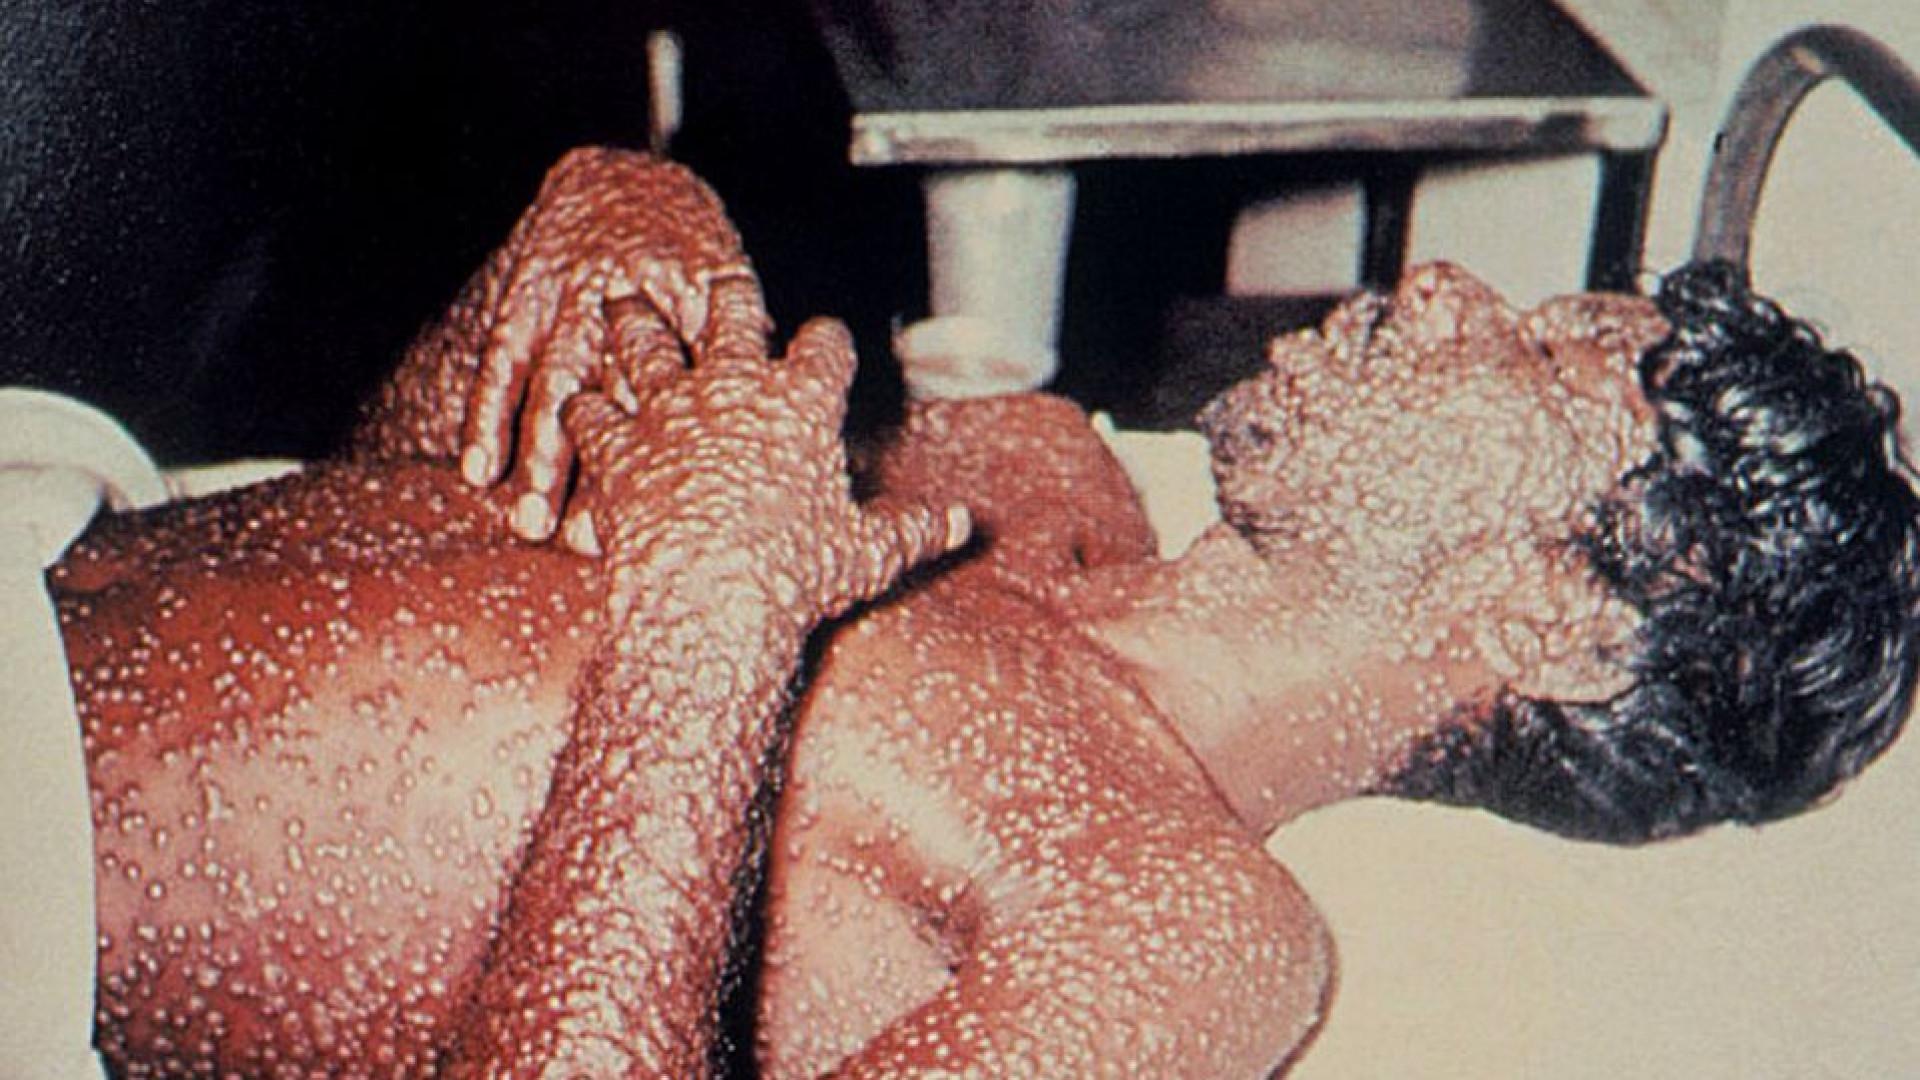 Varíola: O que é, quais os sintomas e o perigo atual de uma epidemia